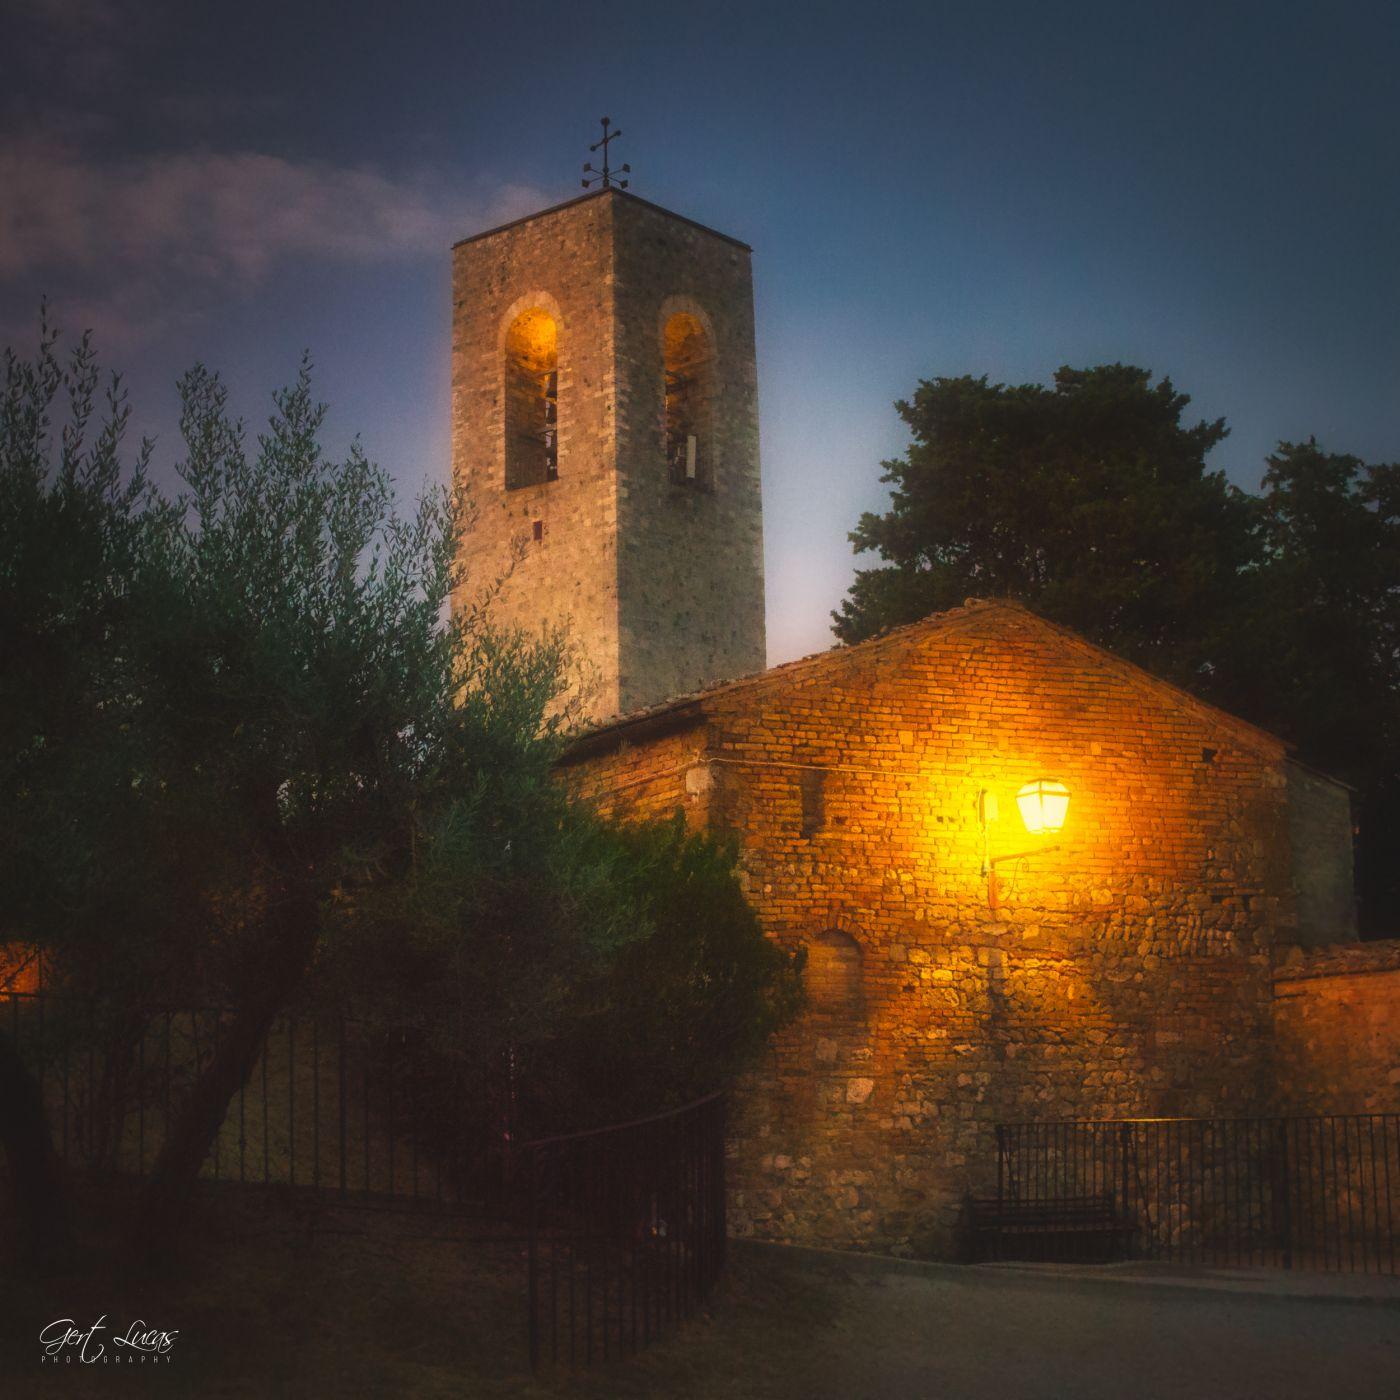 San Gimignano - Via Della Rocca, Italy